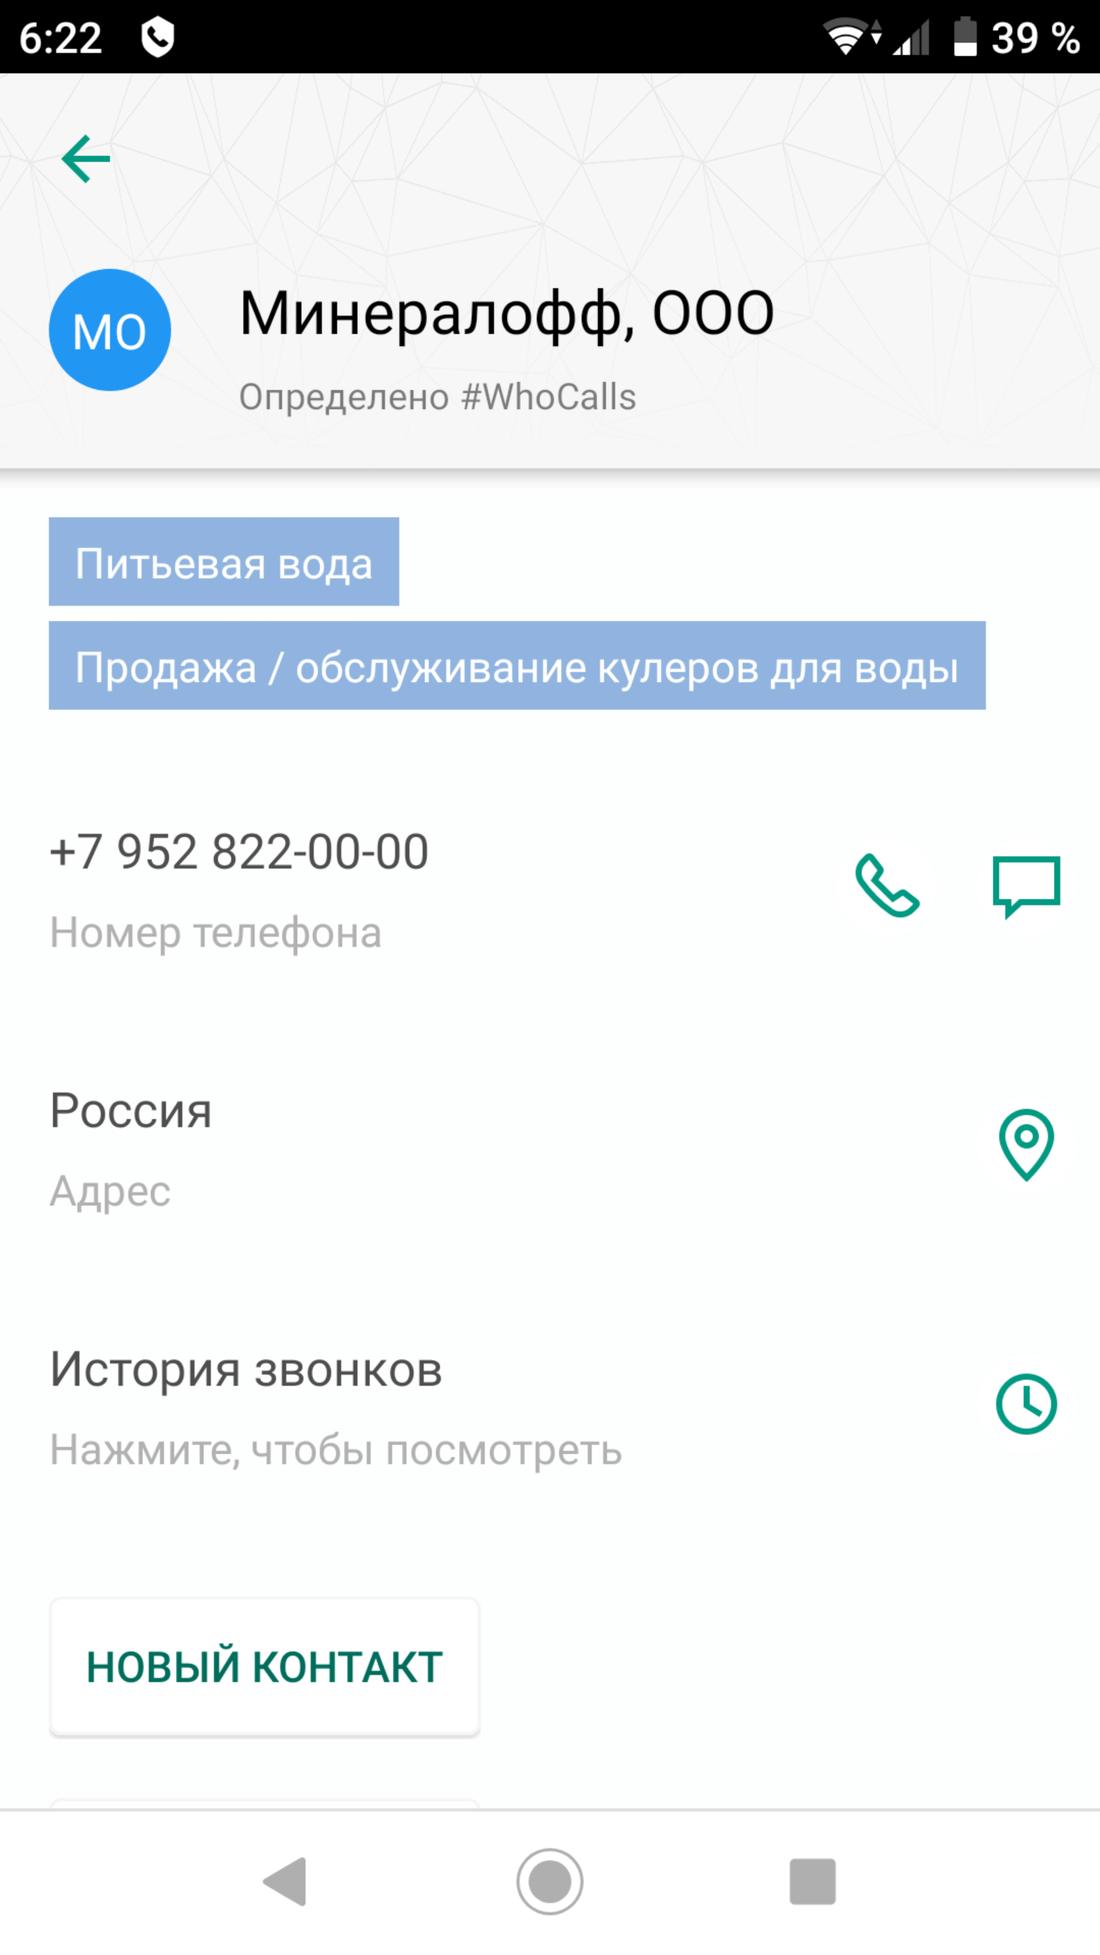 Скриншот #5 из программы Kaspersky Who Calls: Определитель номера